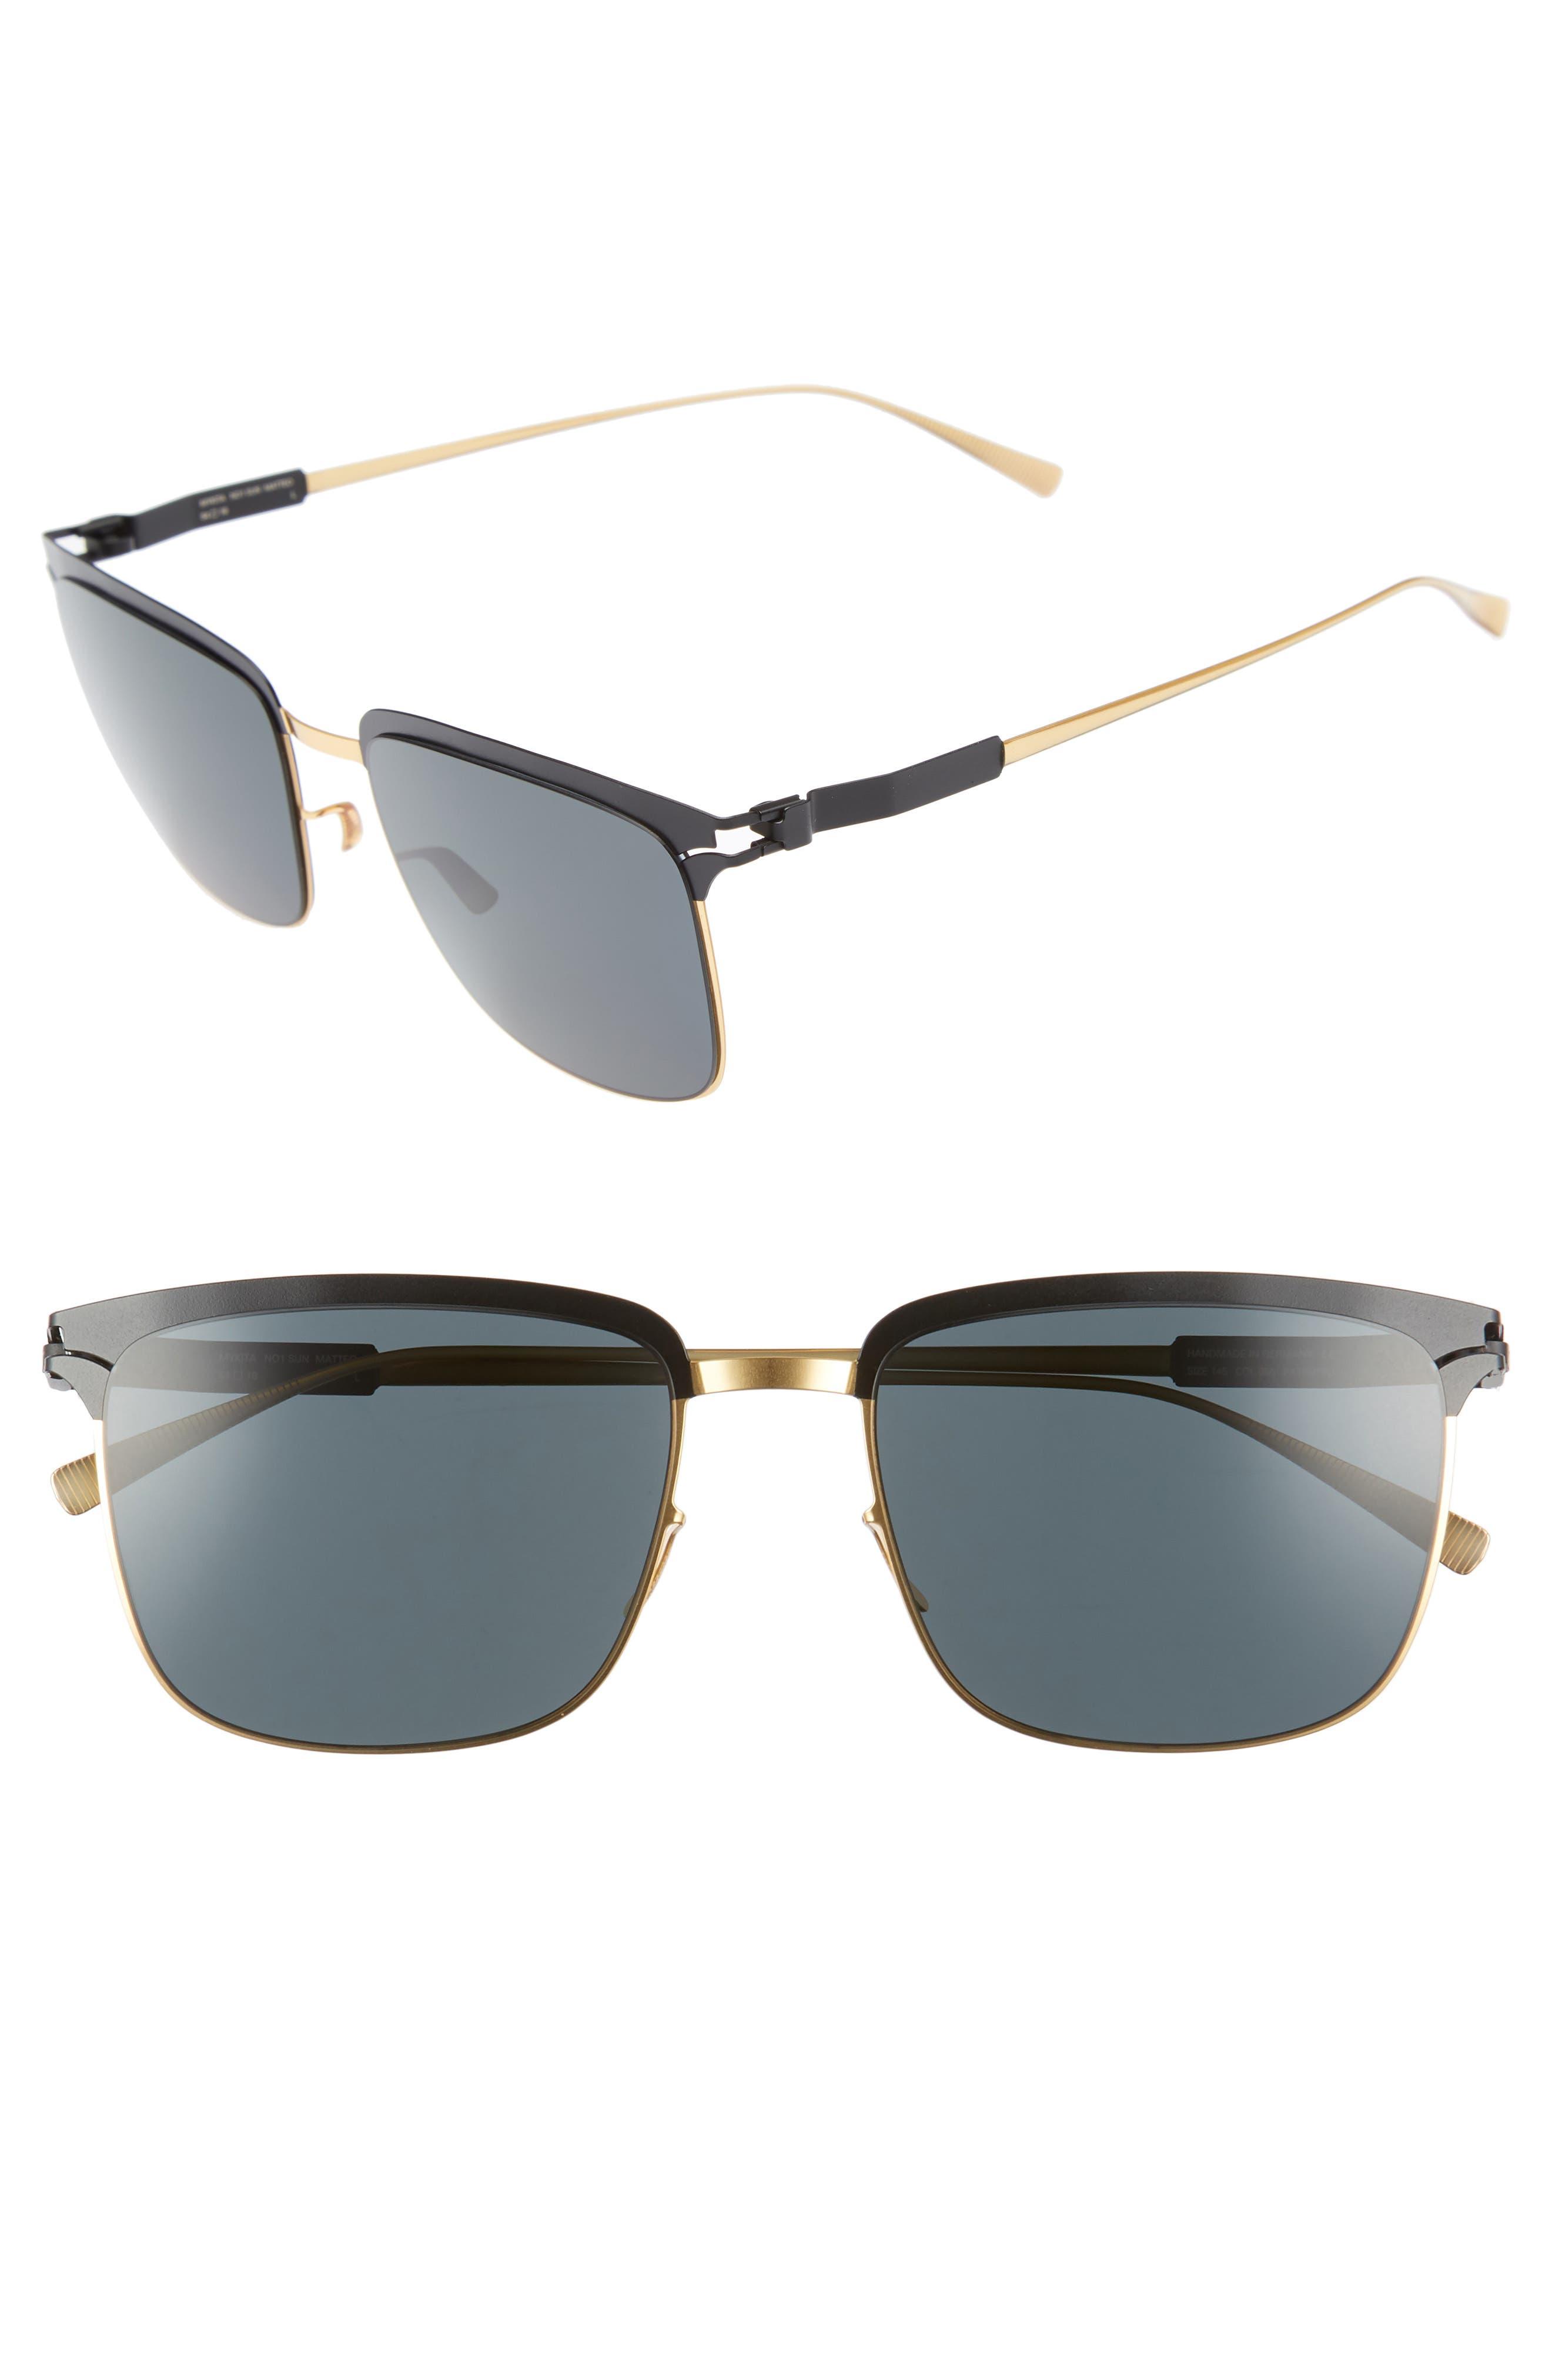 Matteo 54mm Polarized Sunglasses,                             Main thumbnail 1, color,                             Gold/ Black